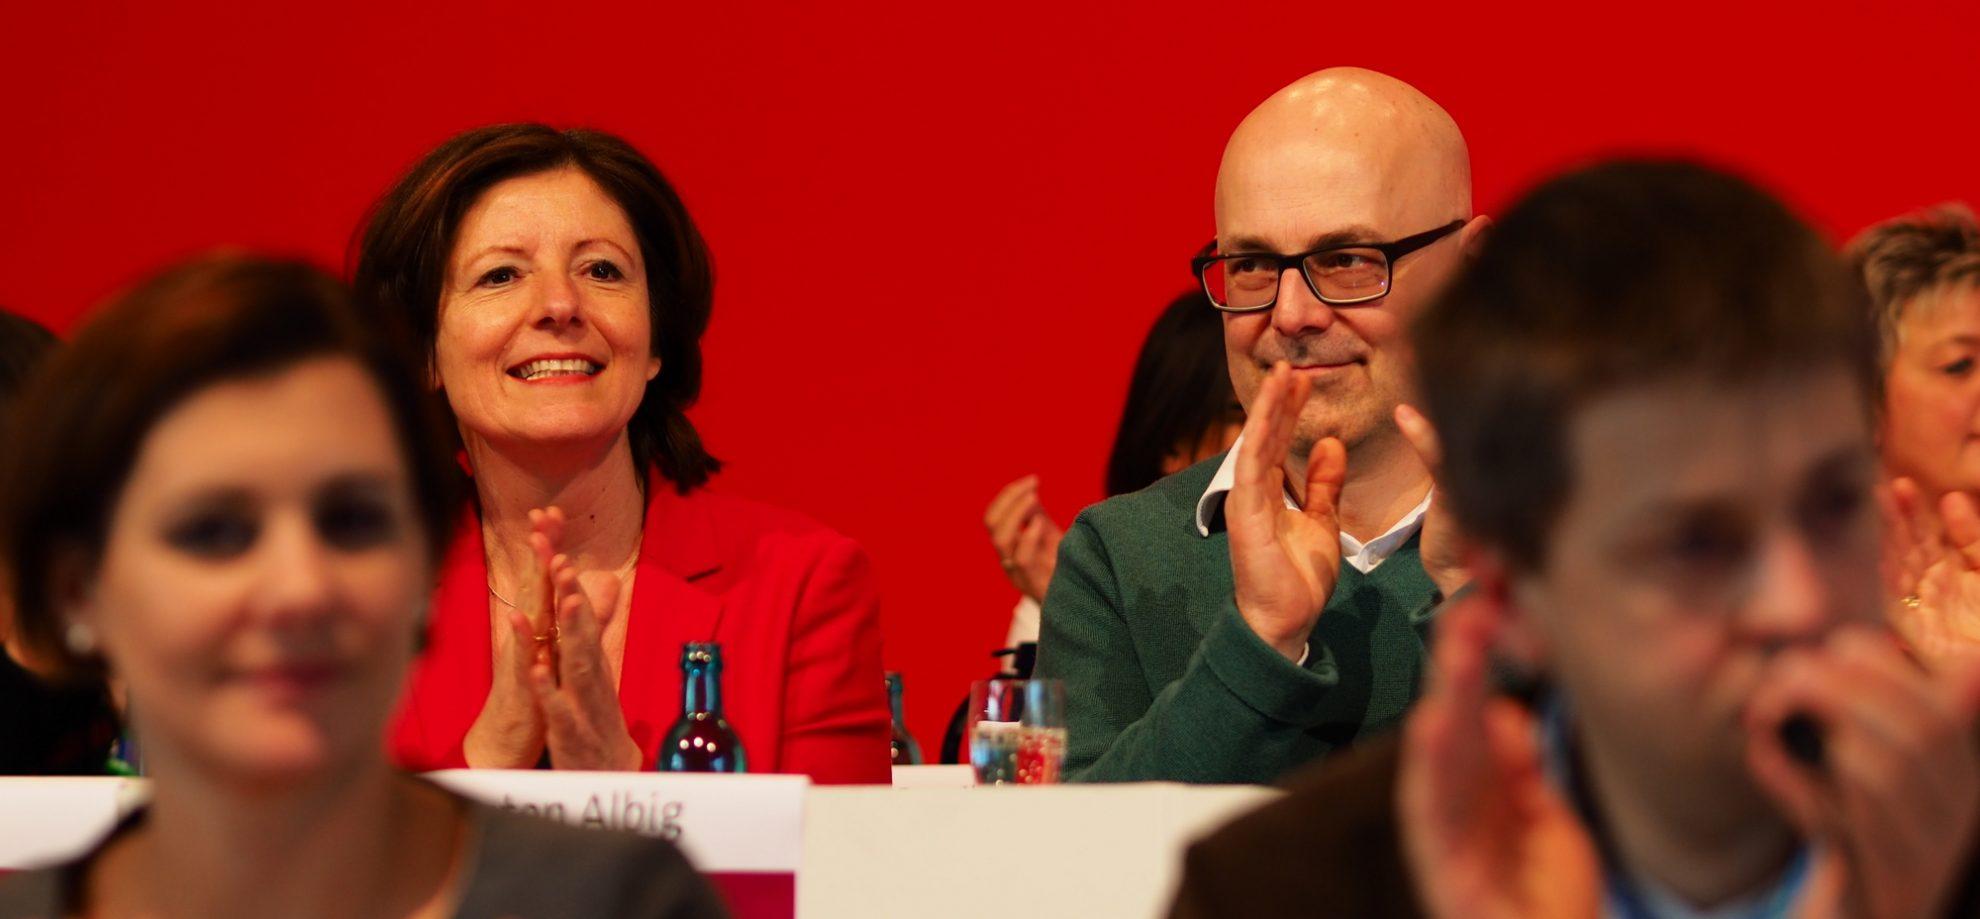 Malu Dreyer und Torsten Albi